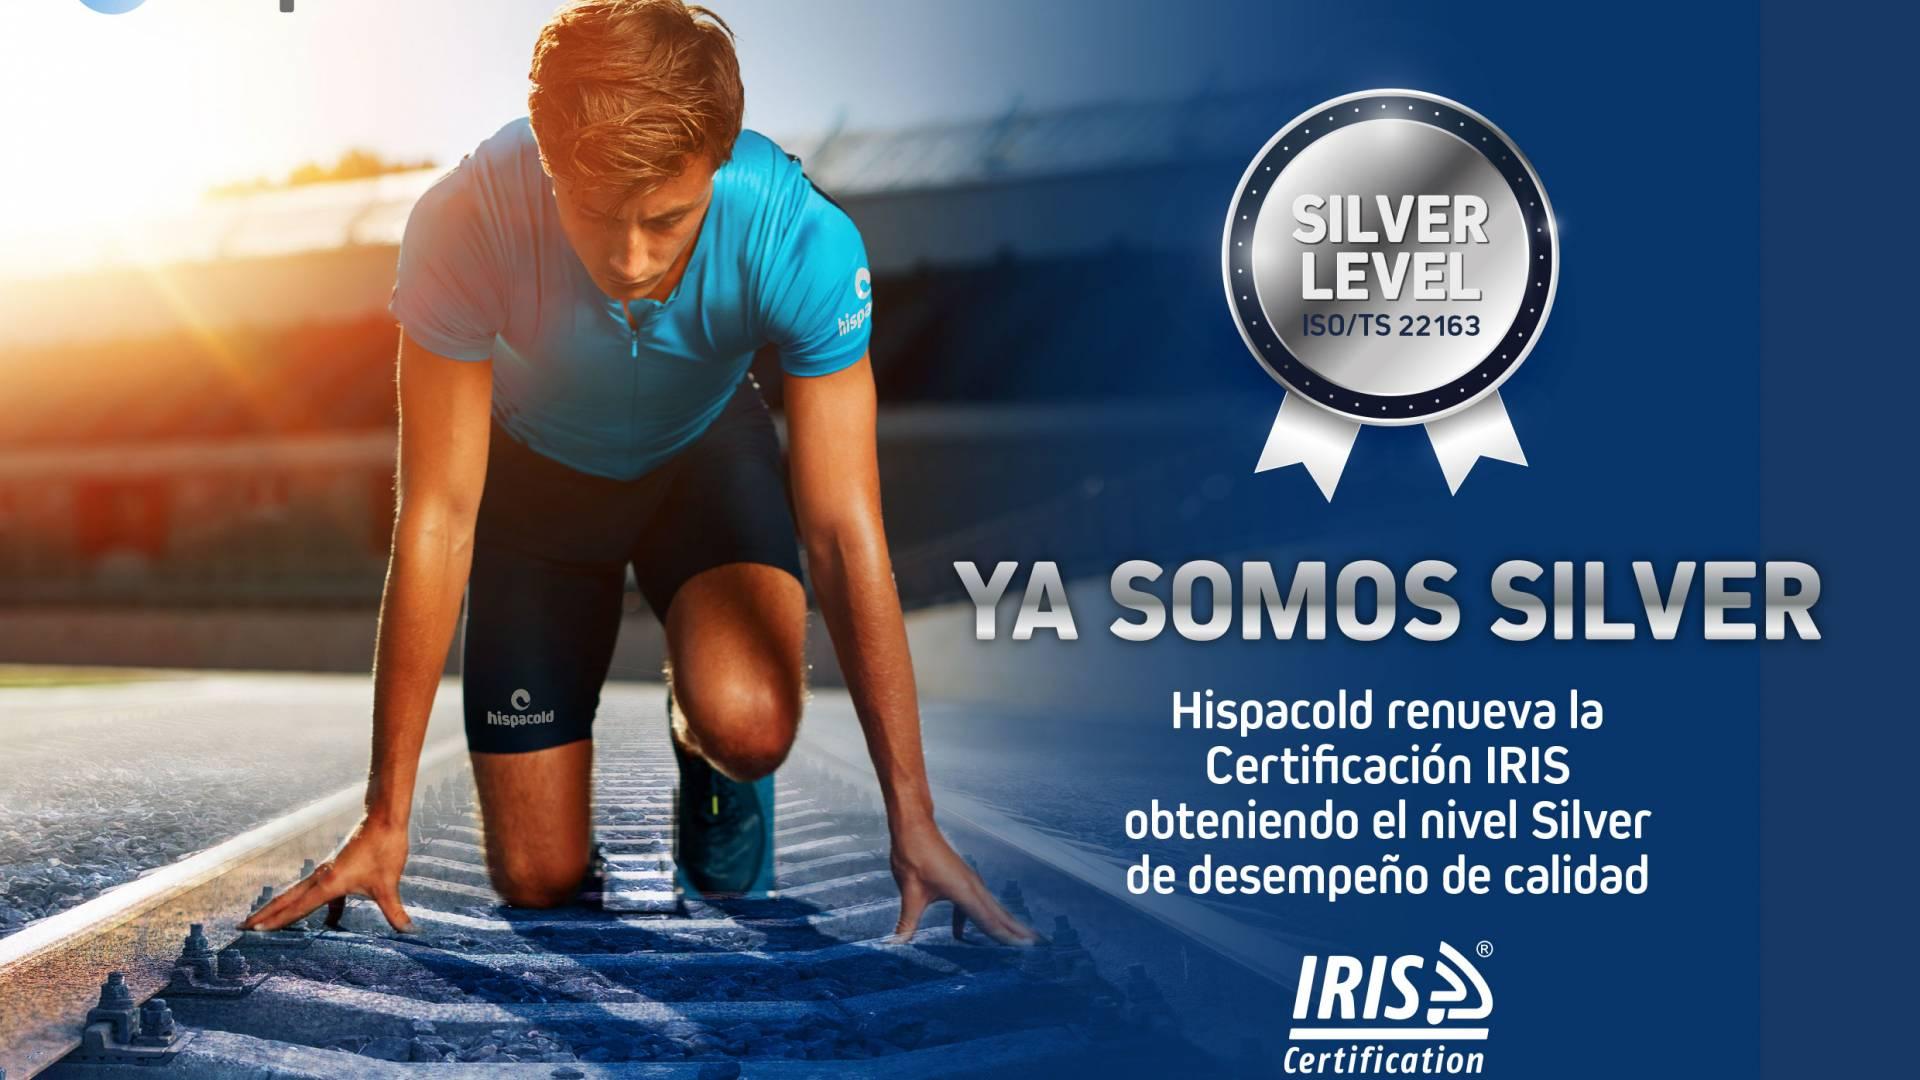 Hispacold renueva la certificación IRIS obteniendo el nivel Silver de desempeño de calidad